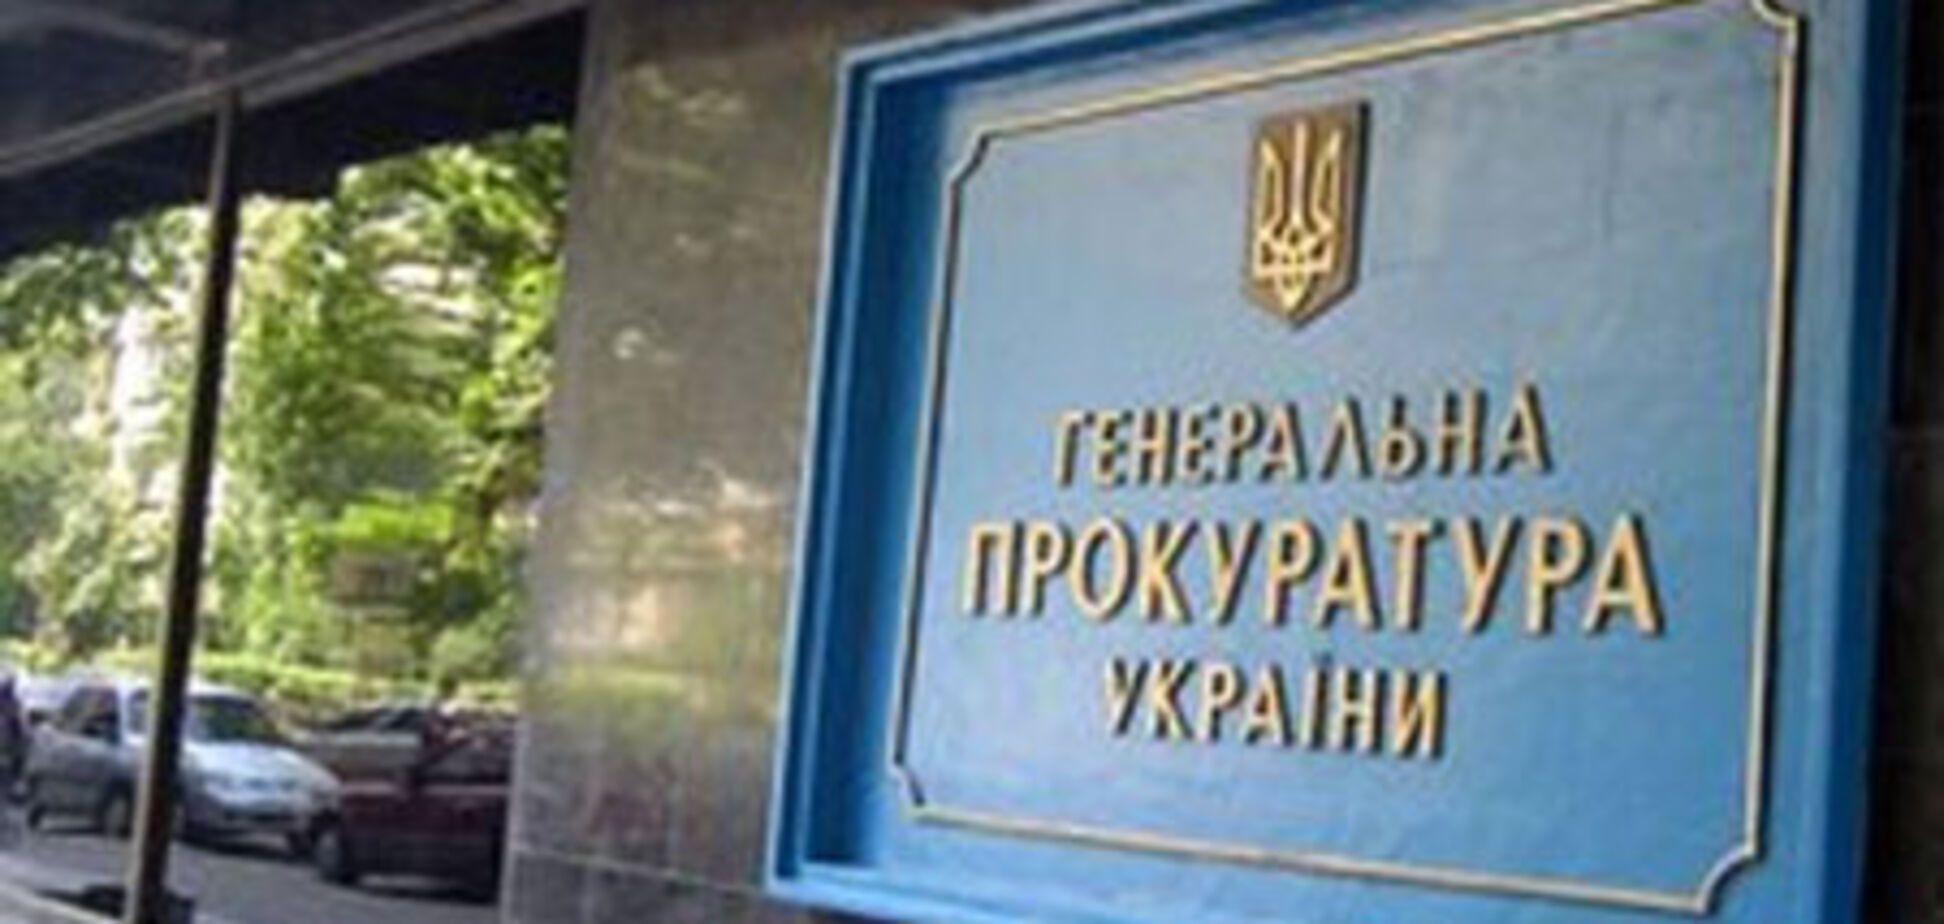 ГПУ: уголовное дело против Данилишина не закрывается